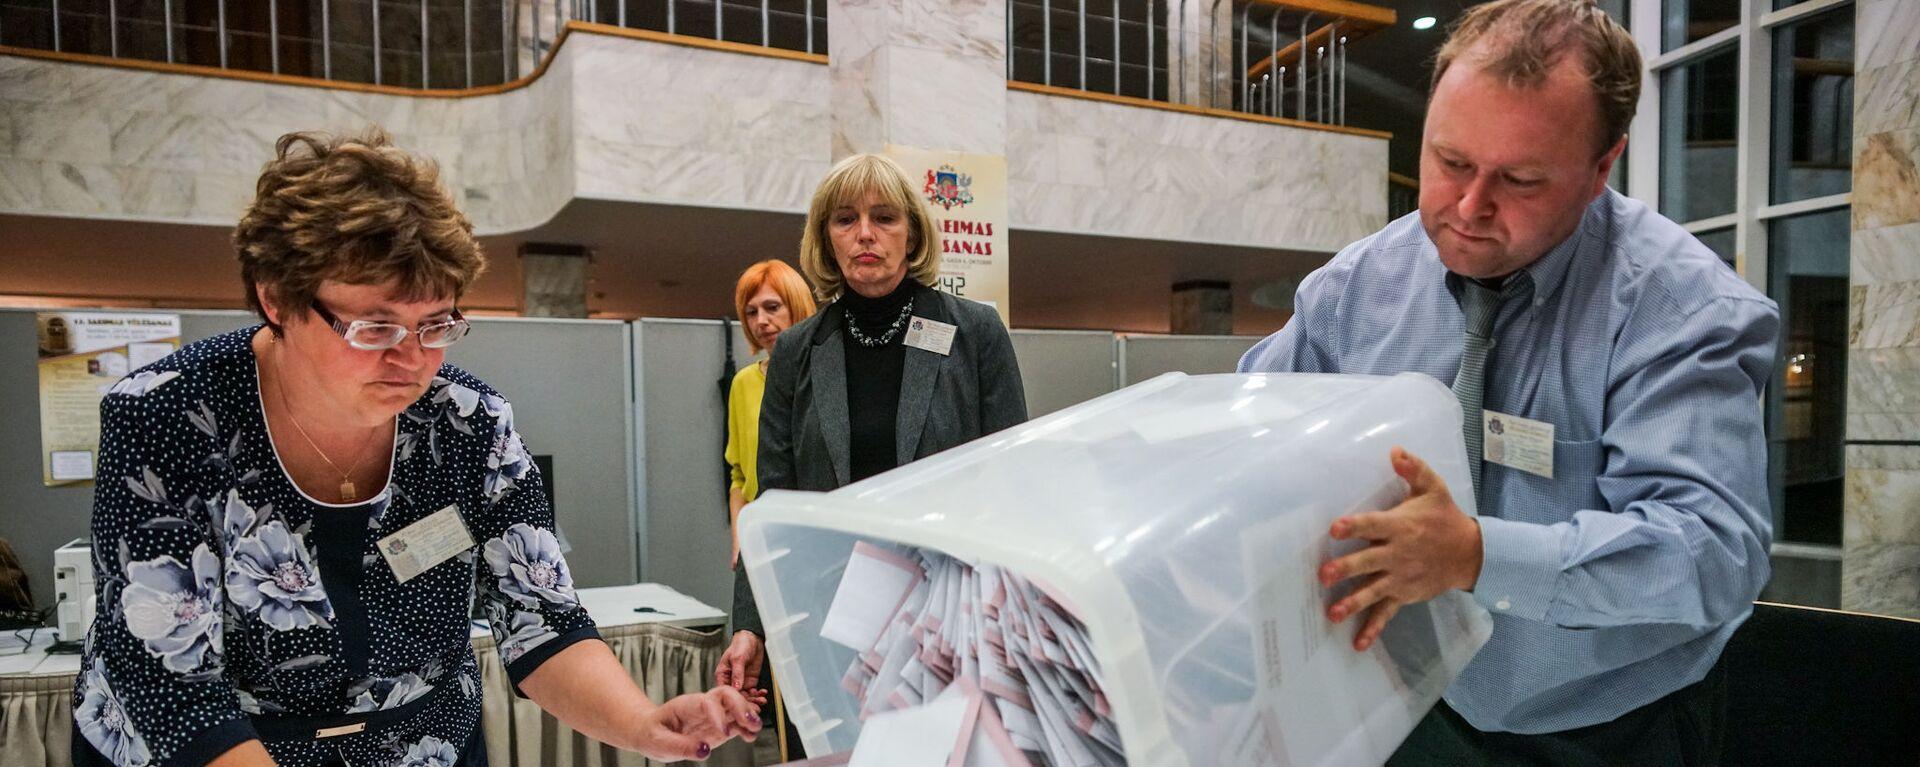 Подсчет голосов на избирательном участке в Доме конгрессов в Риге - Sputnik Латвия, 1920, 24.06.2021